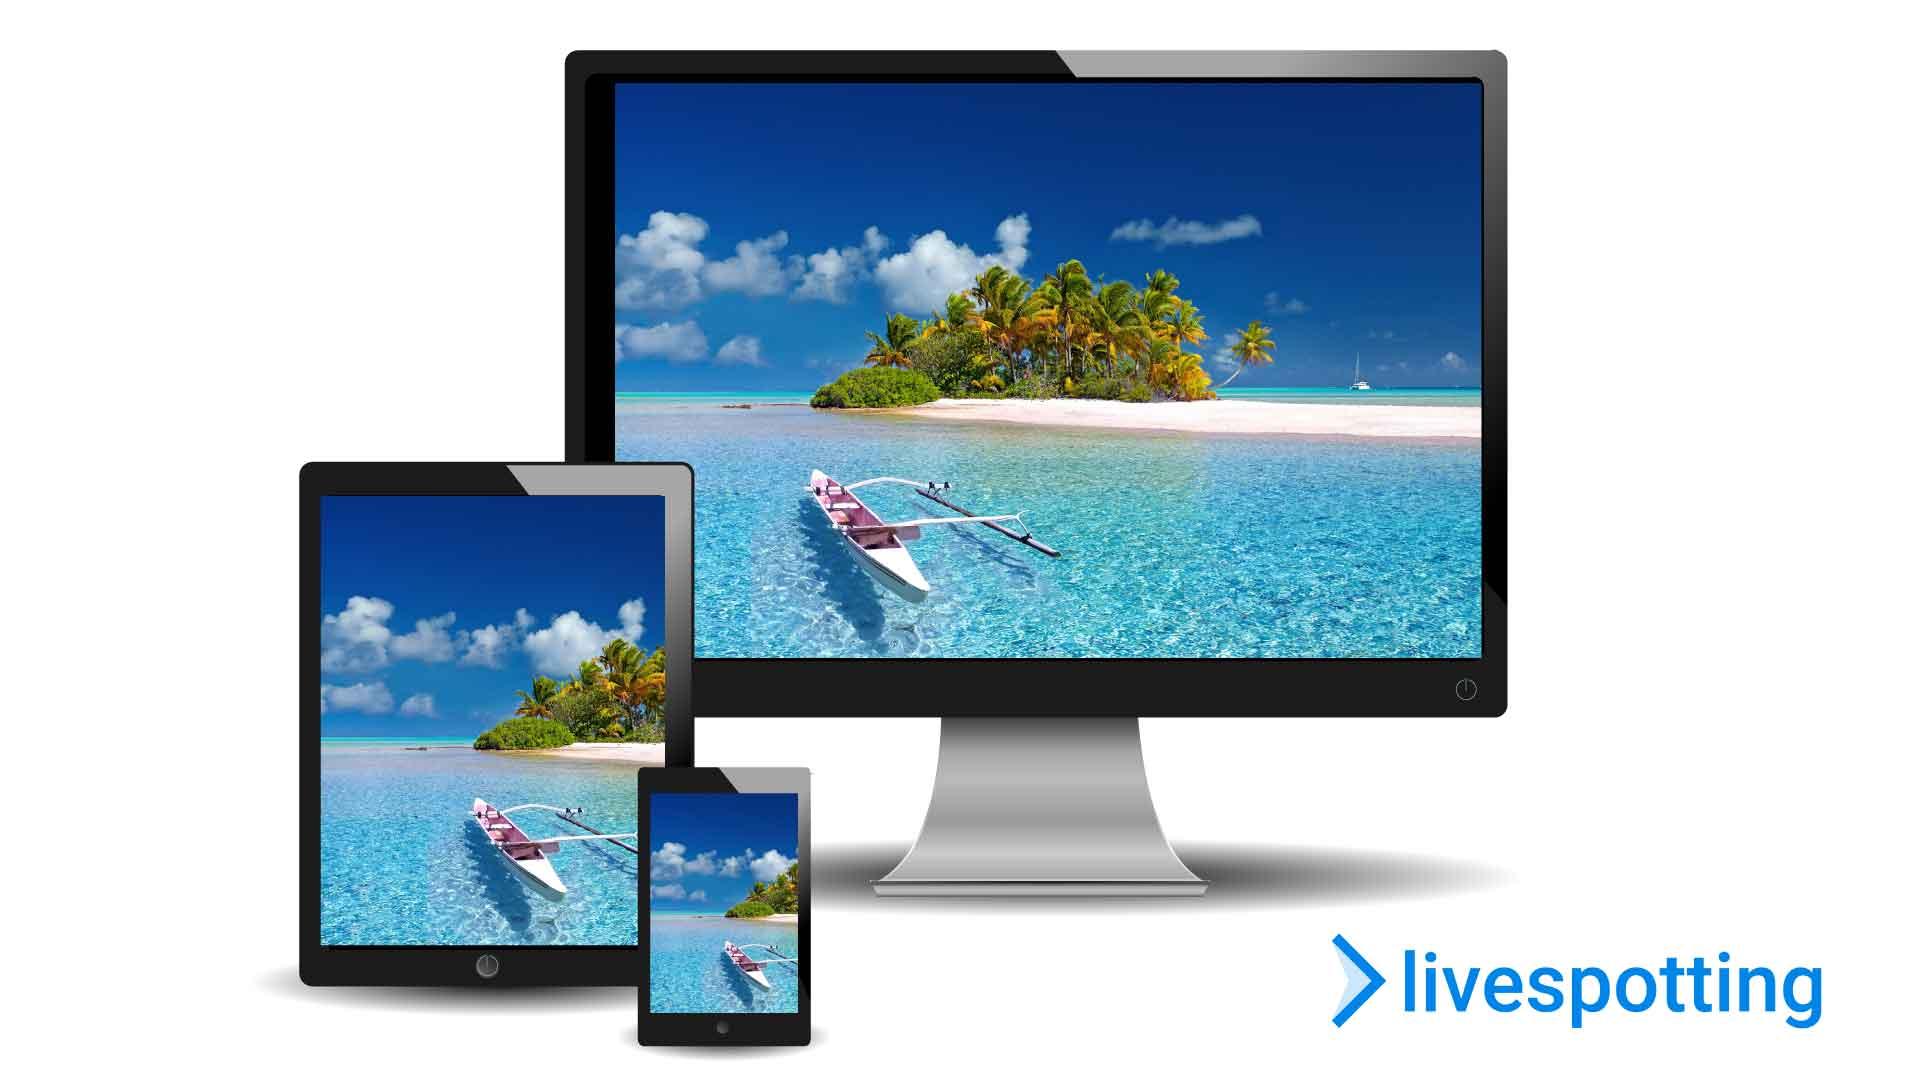 livespotting ist eine Videohosting Plattform für Onlinemarketing mit Webcams und Live-Streaming.